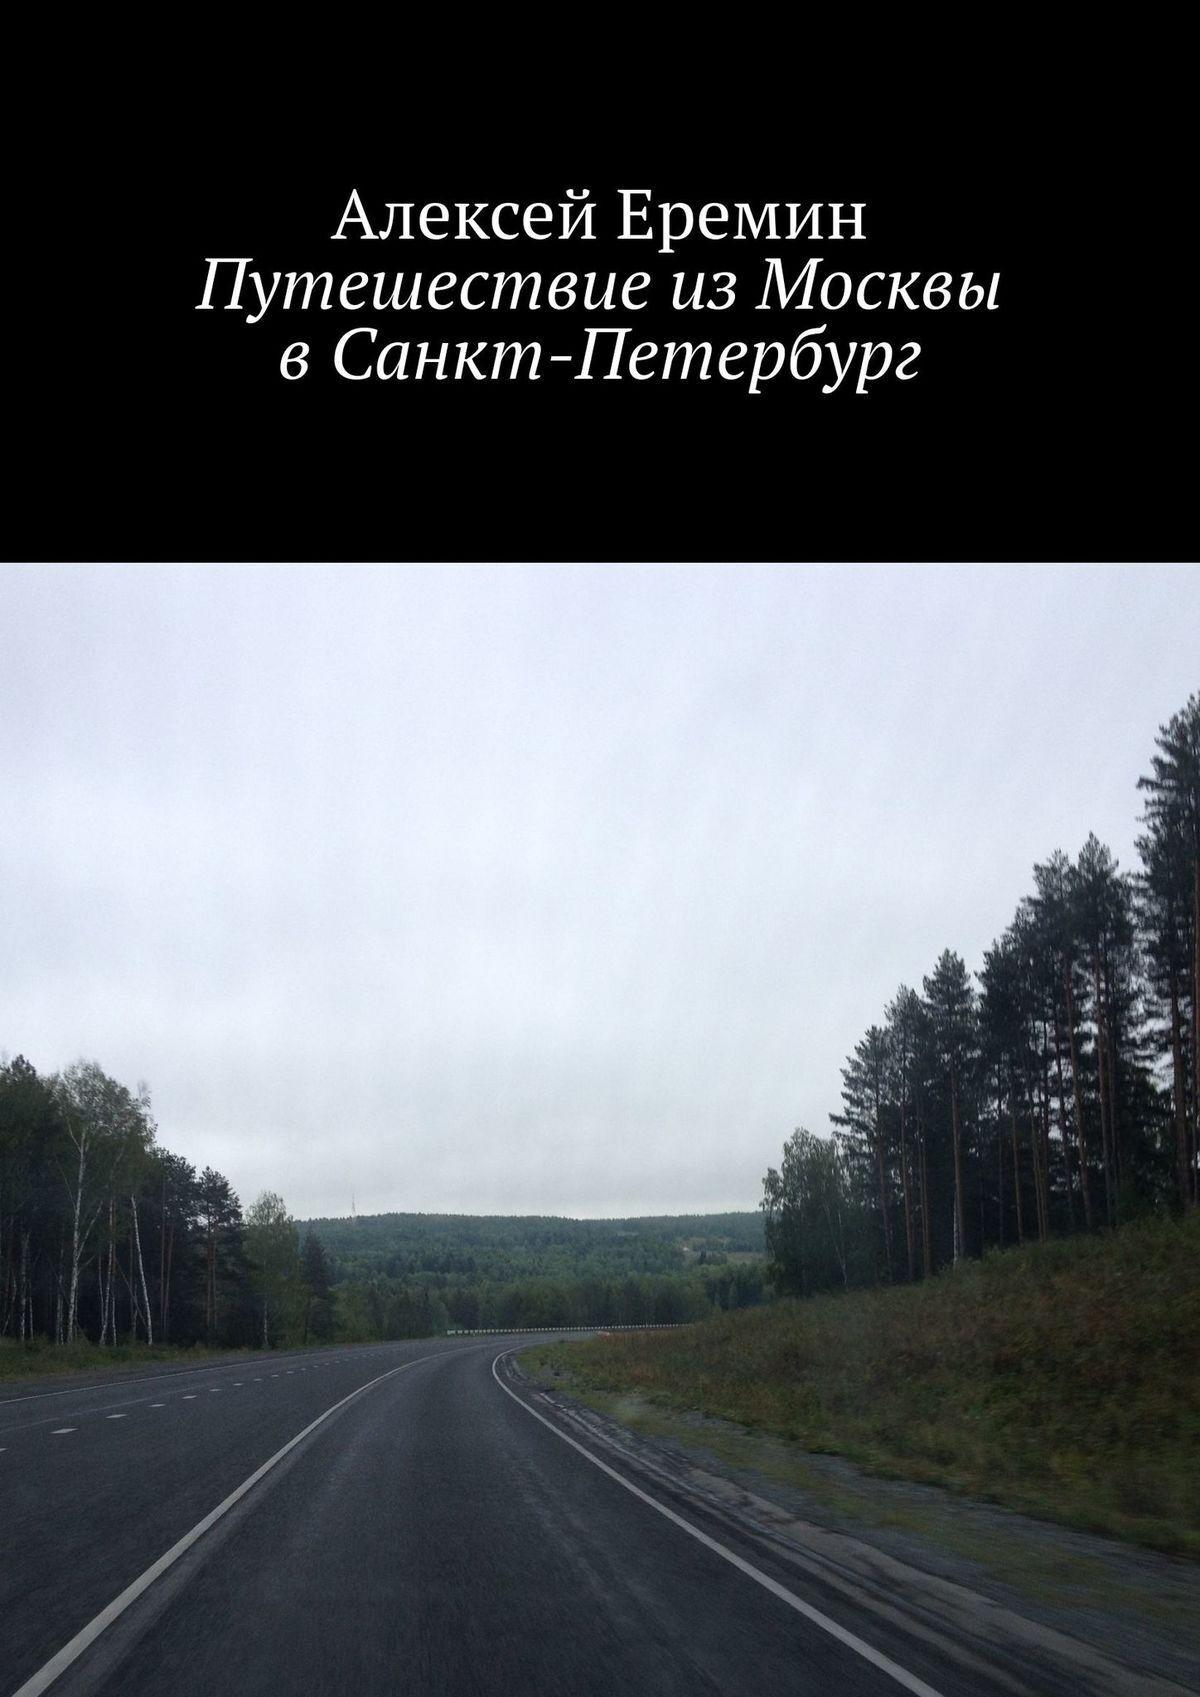 Алексей Еремин Путешествие из Москвы в Санкт-Петербург цена